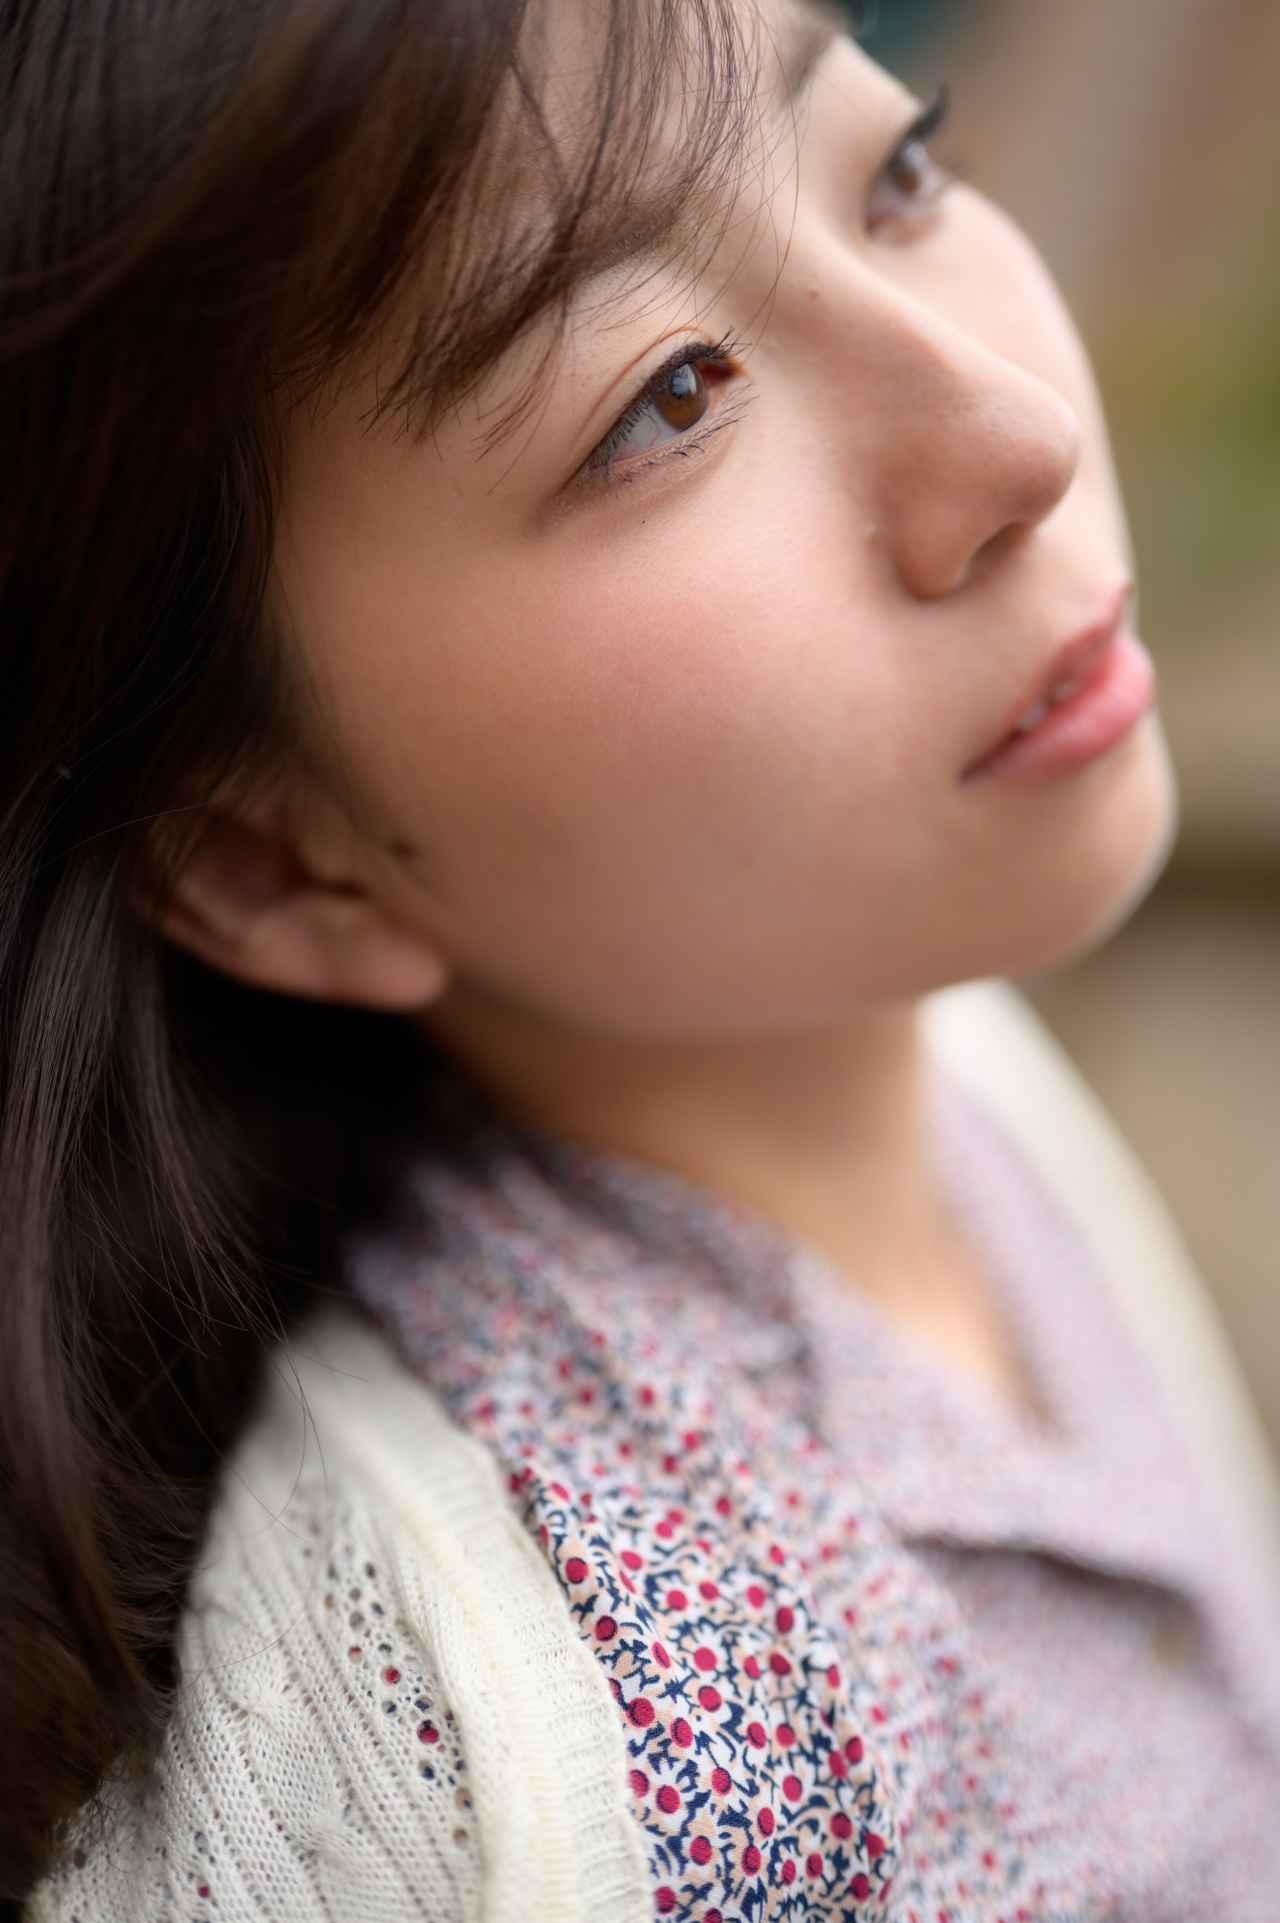 画像3: Nikon Z 6 +NIKKOR Z 50mm f/1.8S 1/160 f/2.0 ISO100 WB6000